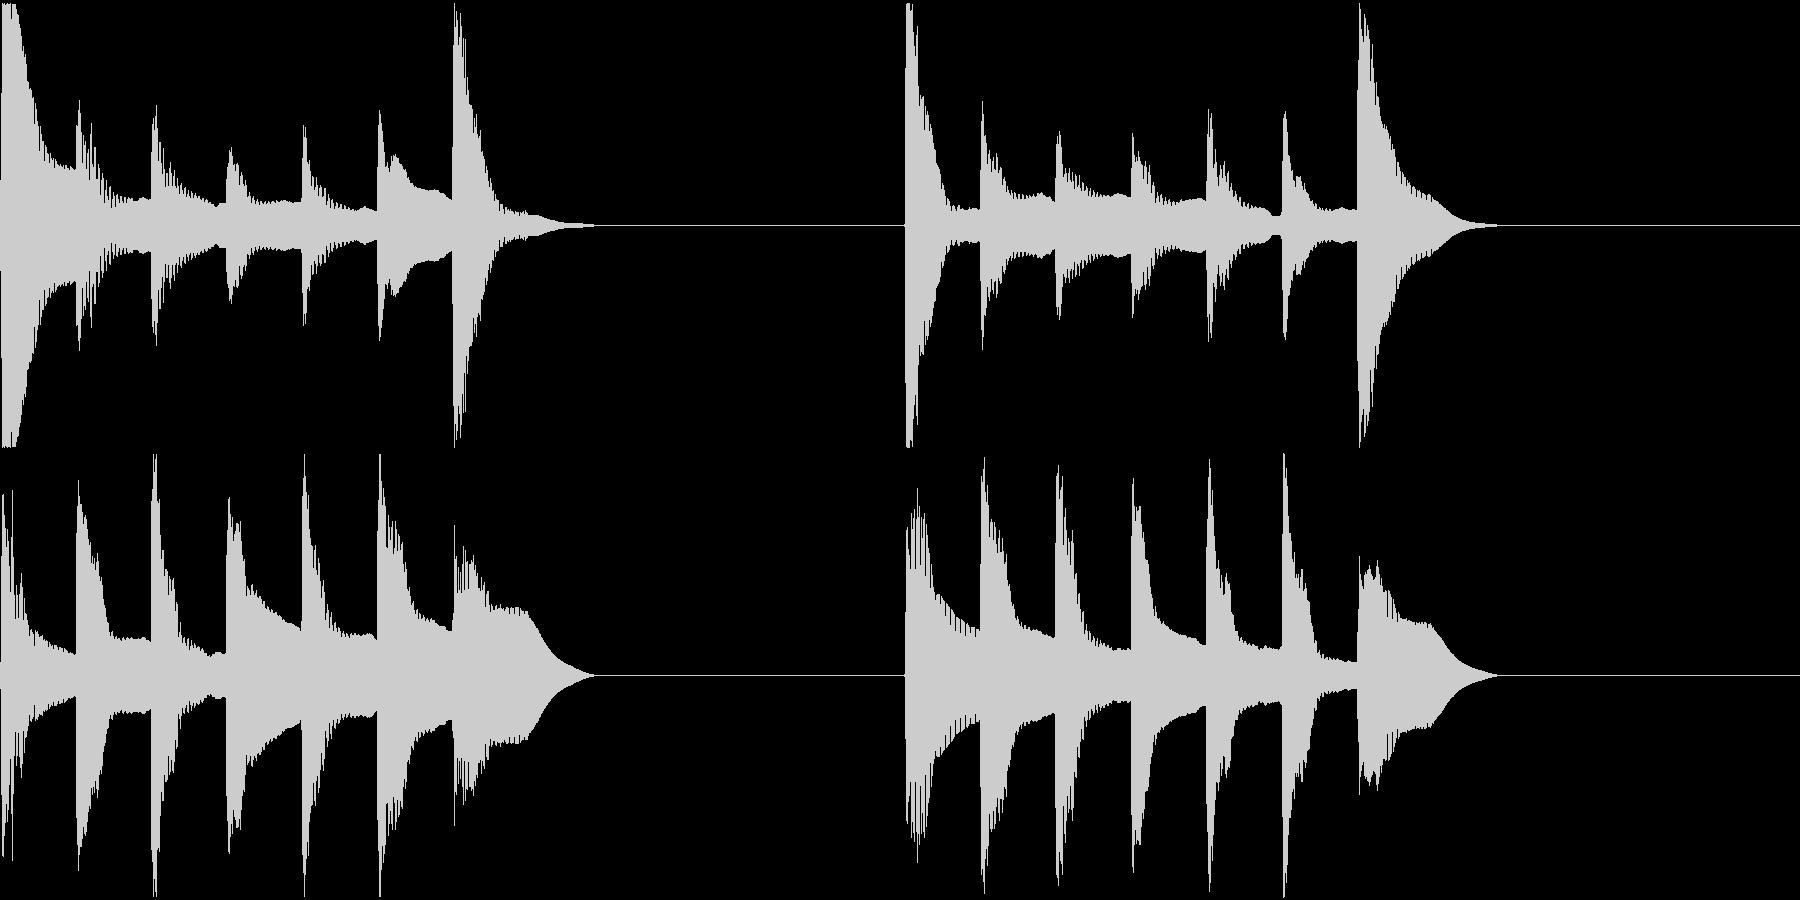 着信音 ループ お知らせ 通知 5の未再生の波形